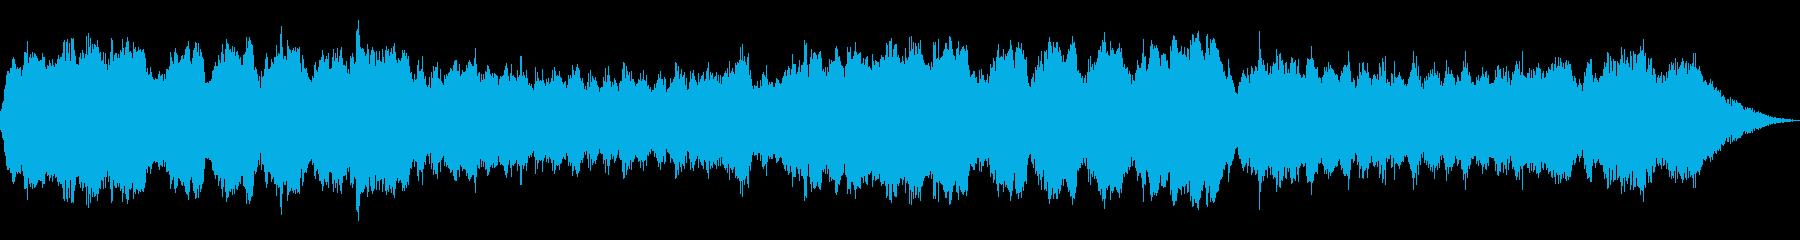 不安のテーマ30秒BGMの再生済みの波形